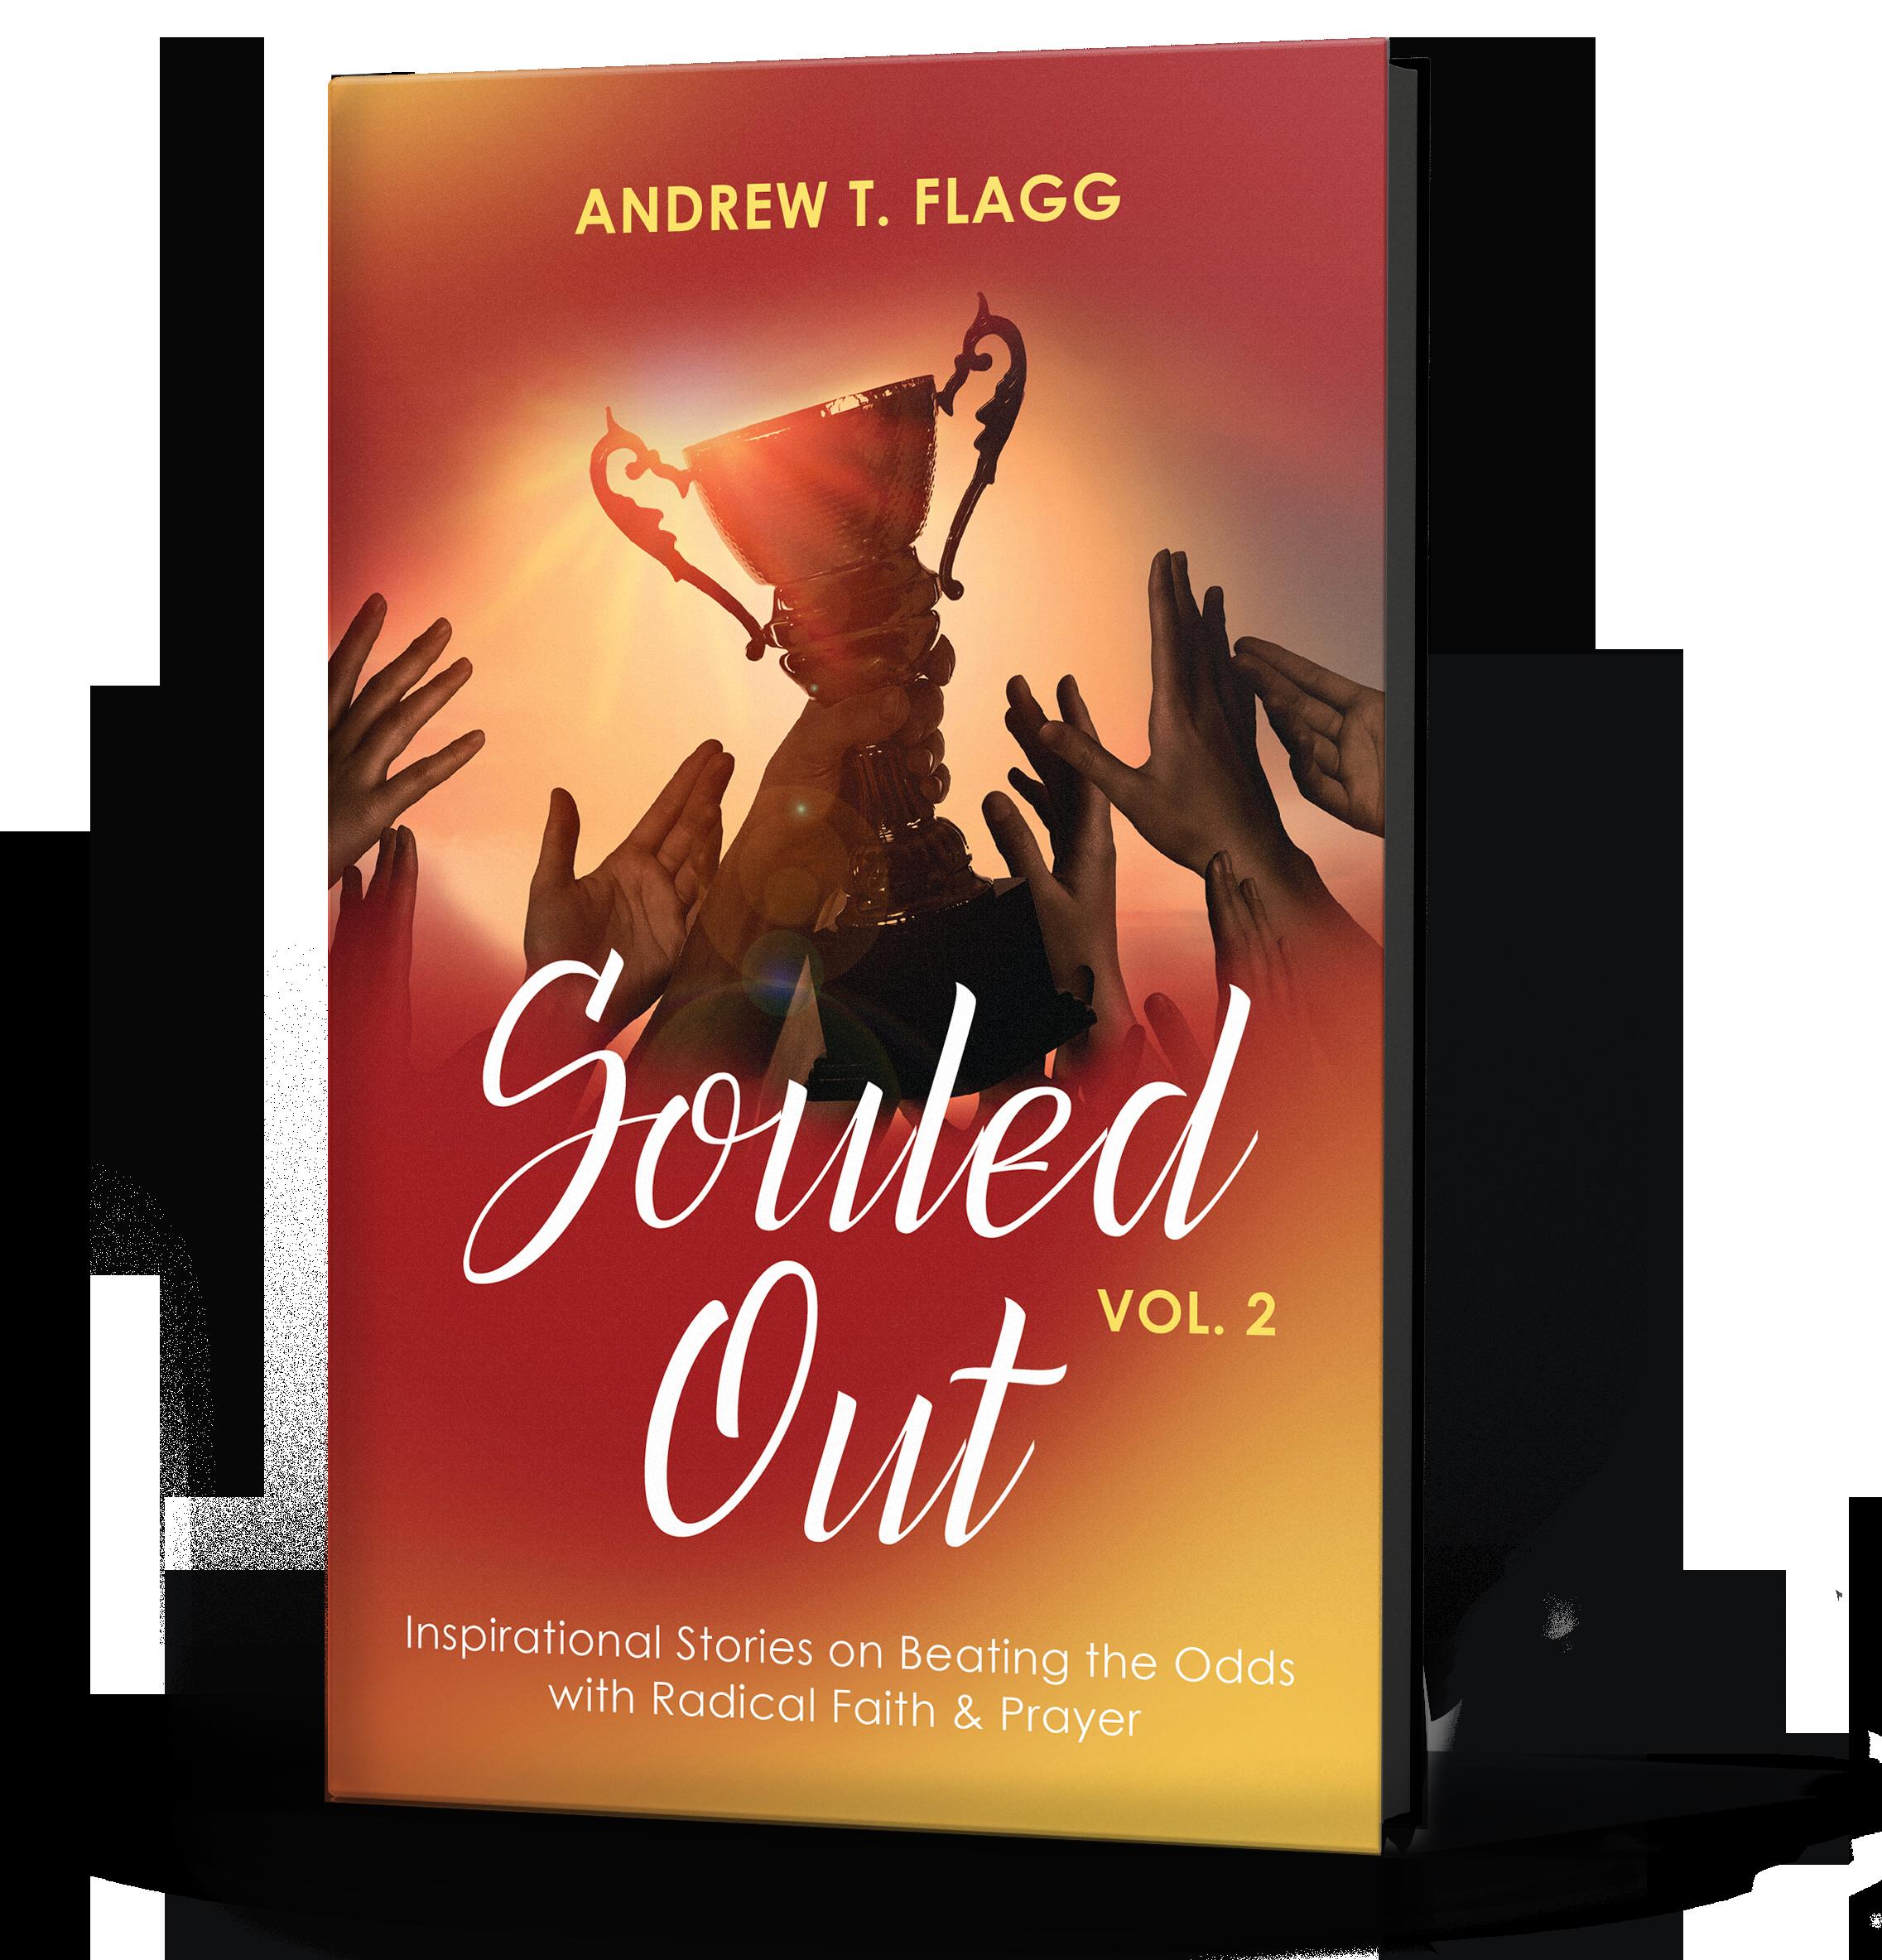 Bestselling Author Releases Faith-Based Anthology to Encourage Overcoming Despite Hardships